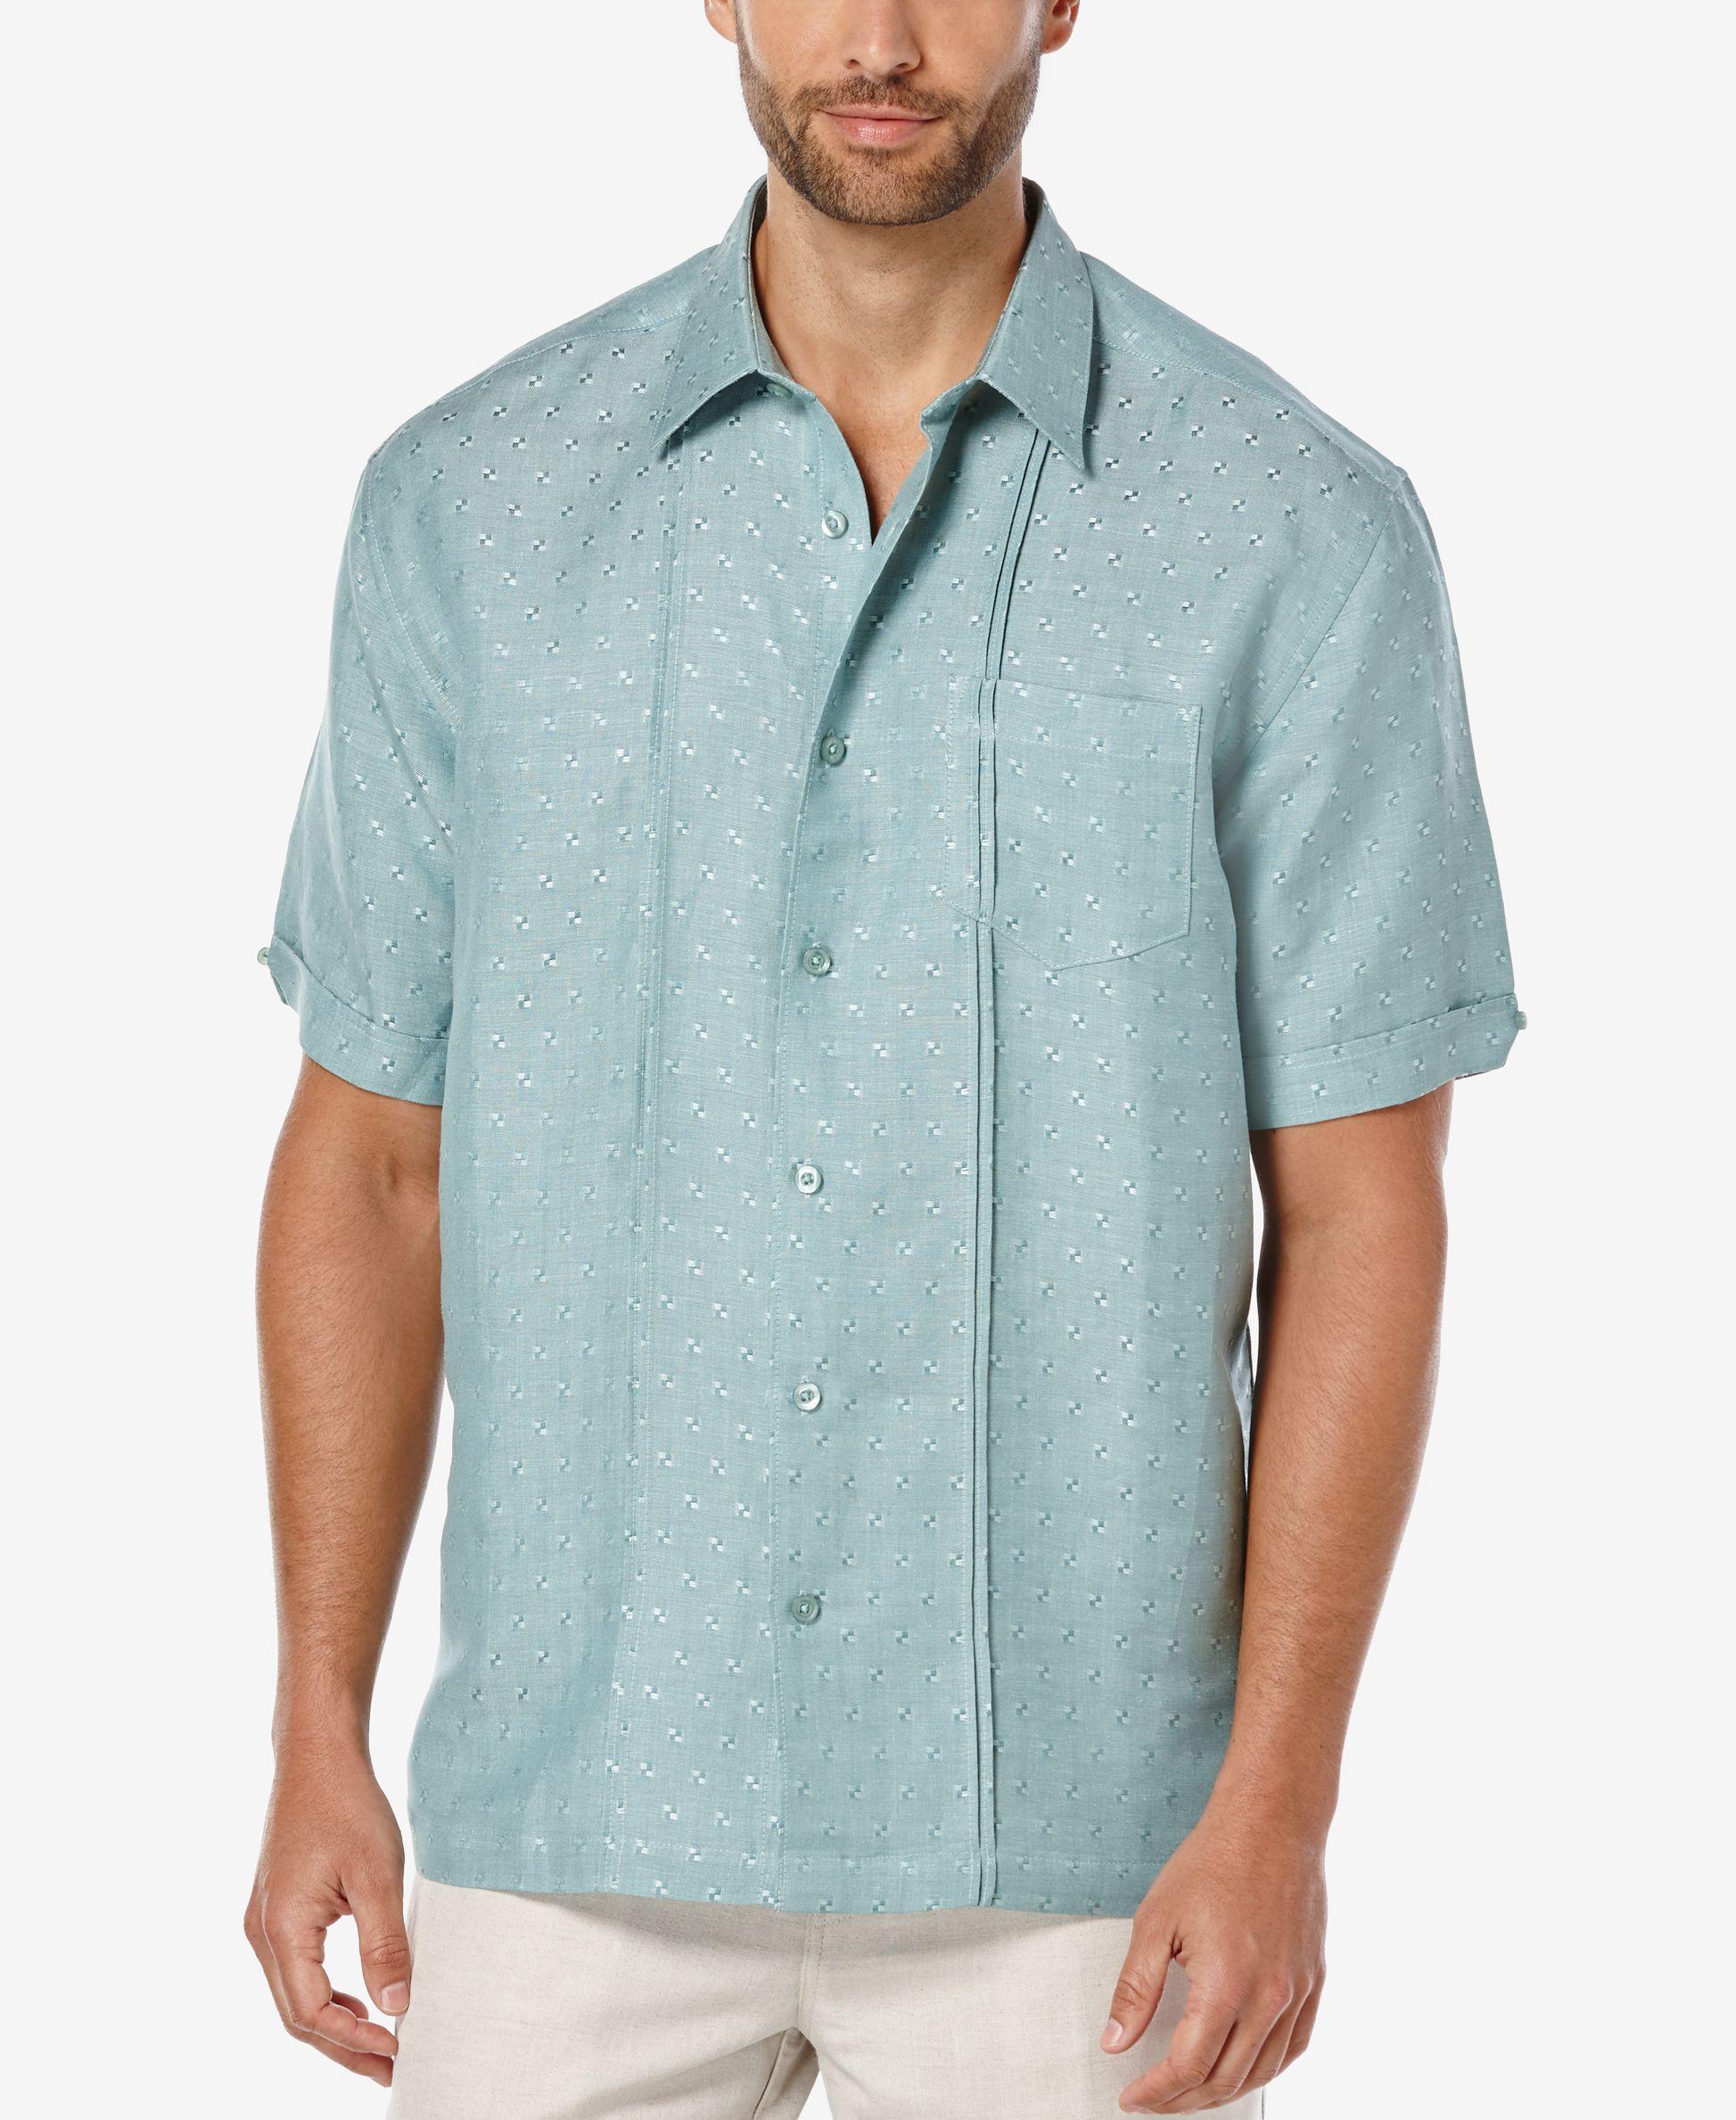 Mens Button Up Linen Textured Short Sleeves Dress Shirts